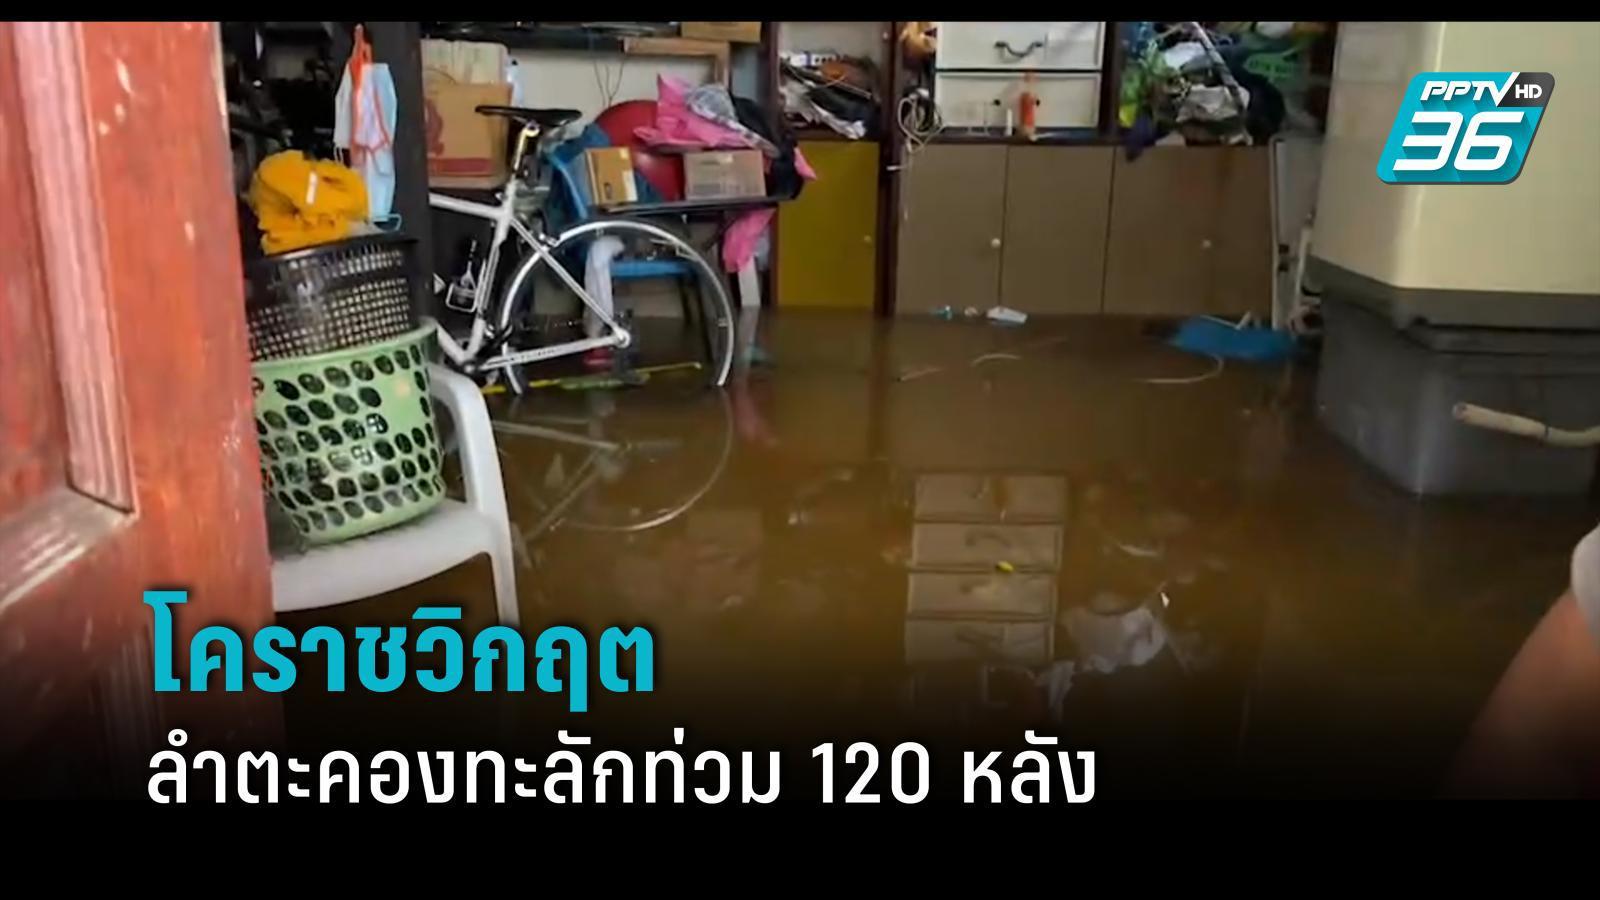 โคราชวิกฤต น้ำลำตะคองไหลทะลักท่วมบ้านเรือน  120 หลัง ปชช.อพยพอยู่วัด